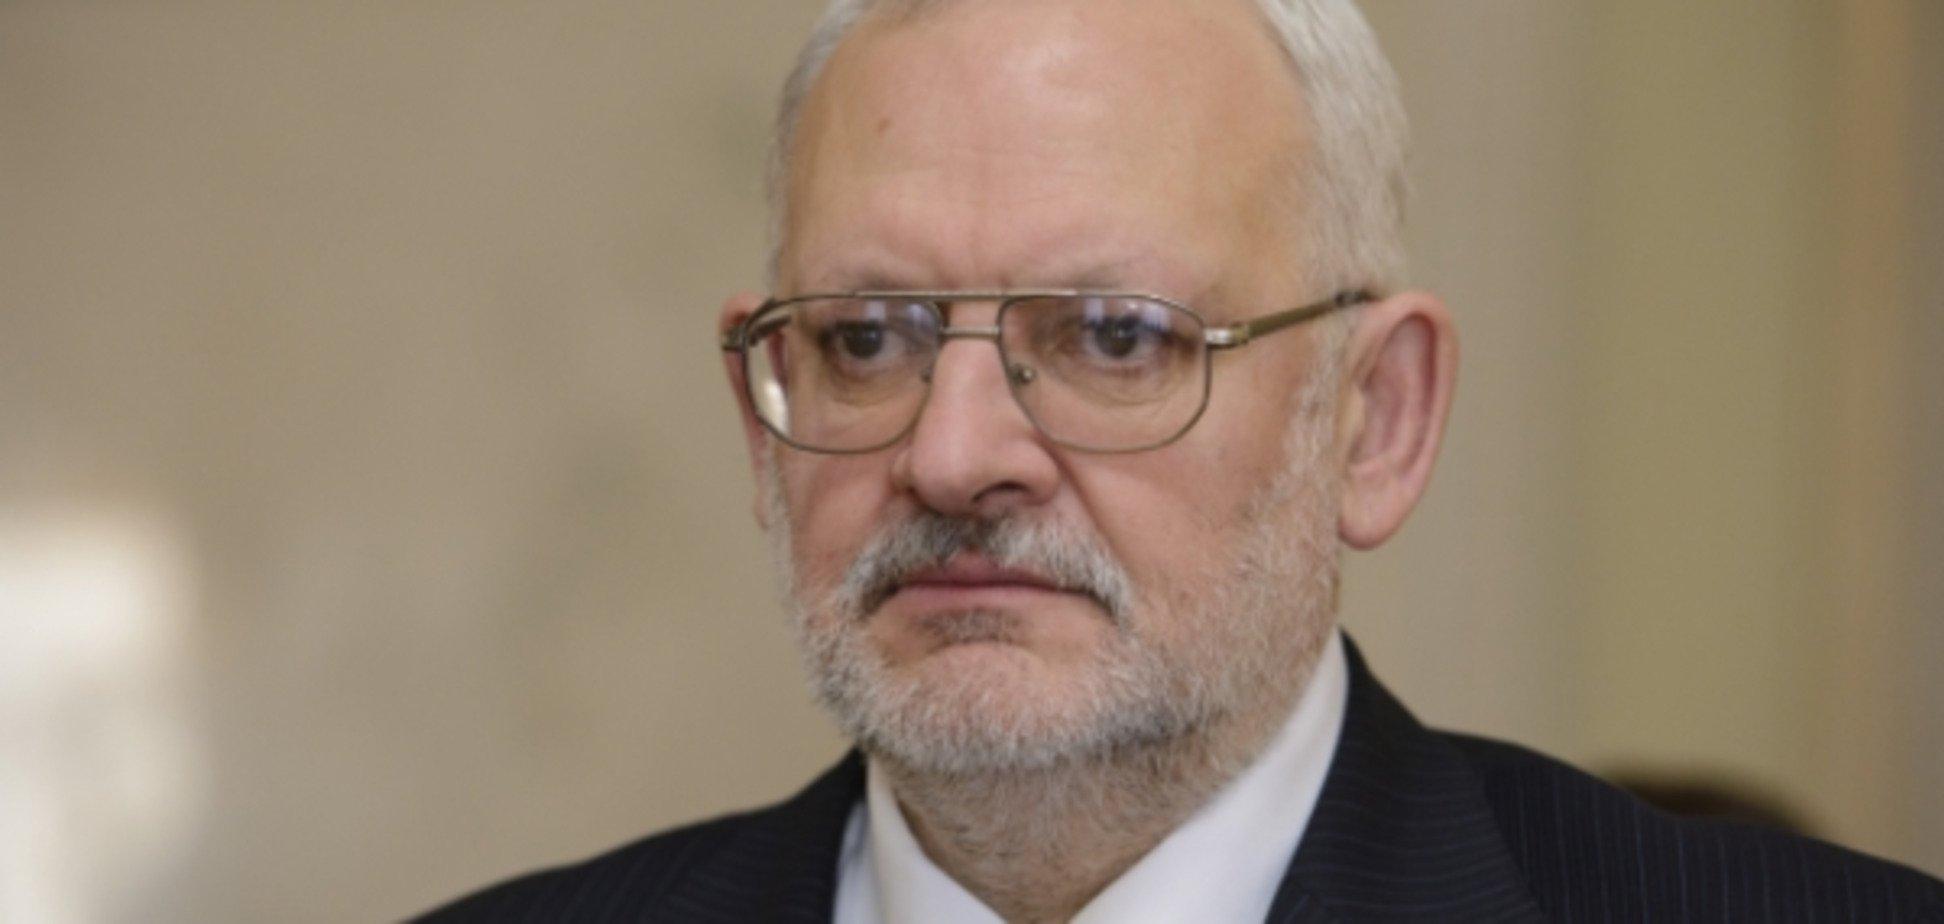 Нардеп Шурма відповів на звинувачення в неповазі до жертв Голодомору